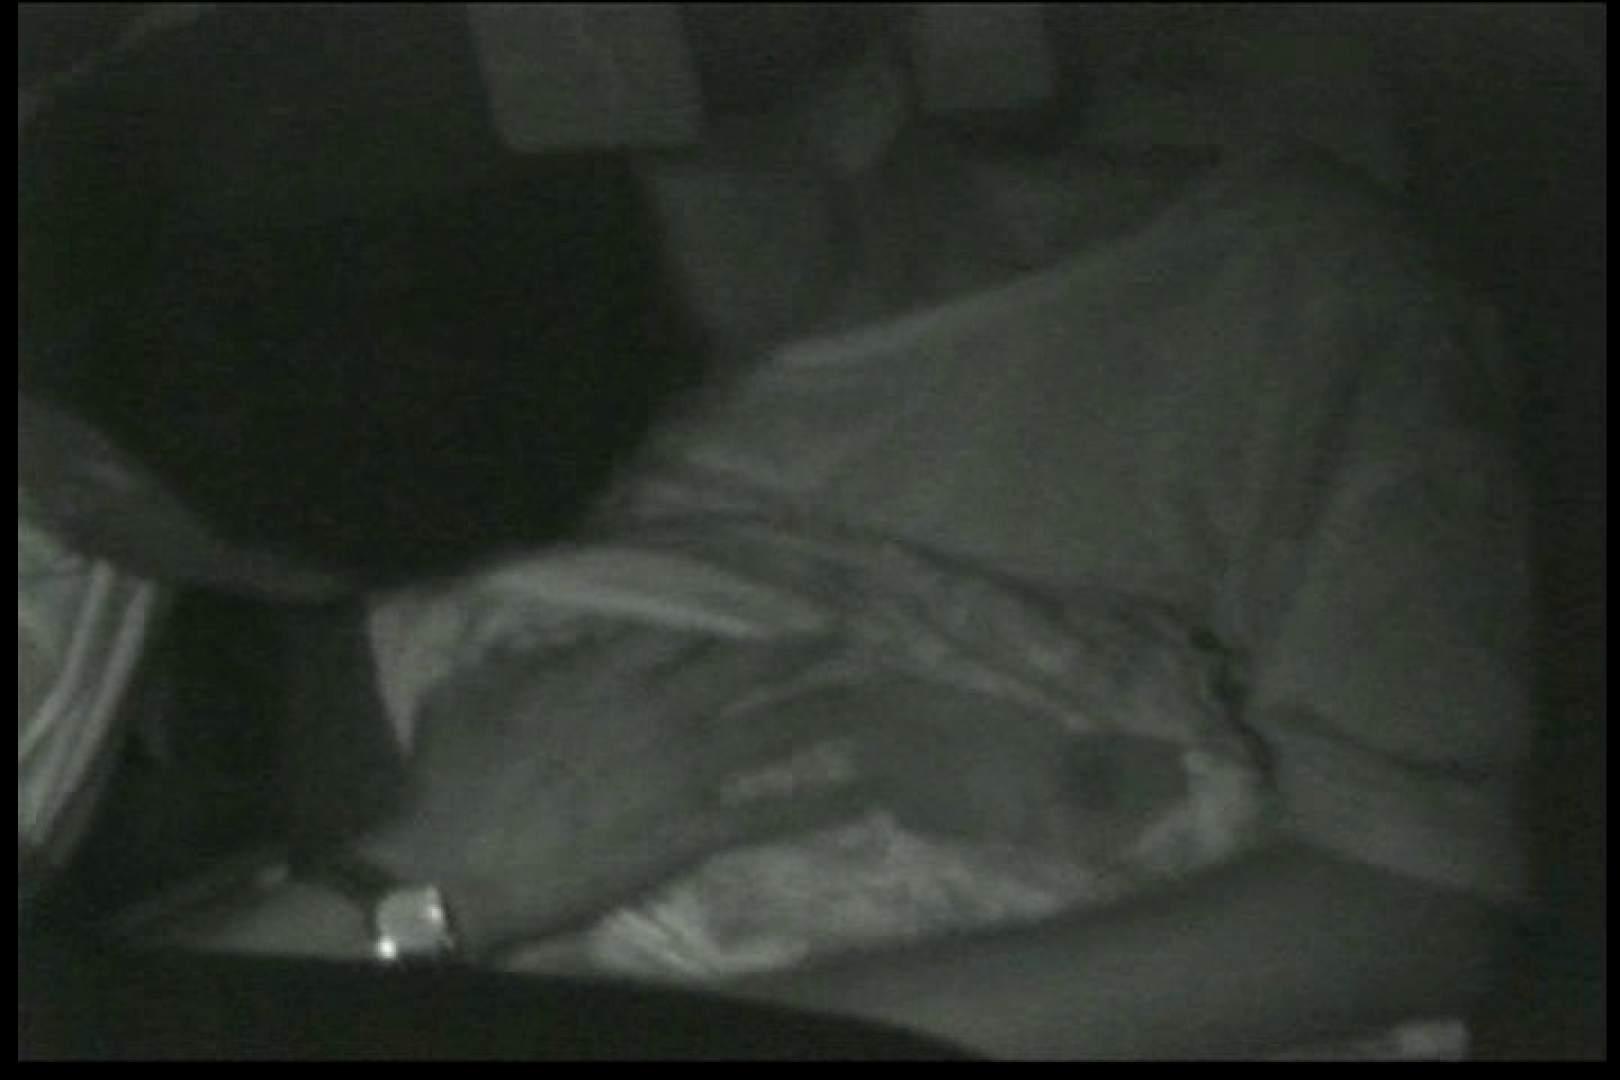 車の中はラブホテル 無修正版  Vol.12 赤外線 セックス画像 35pic 6